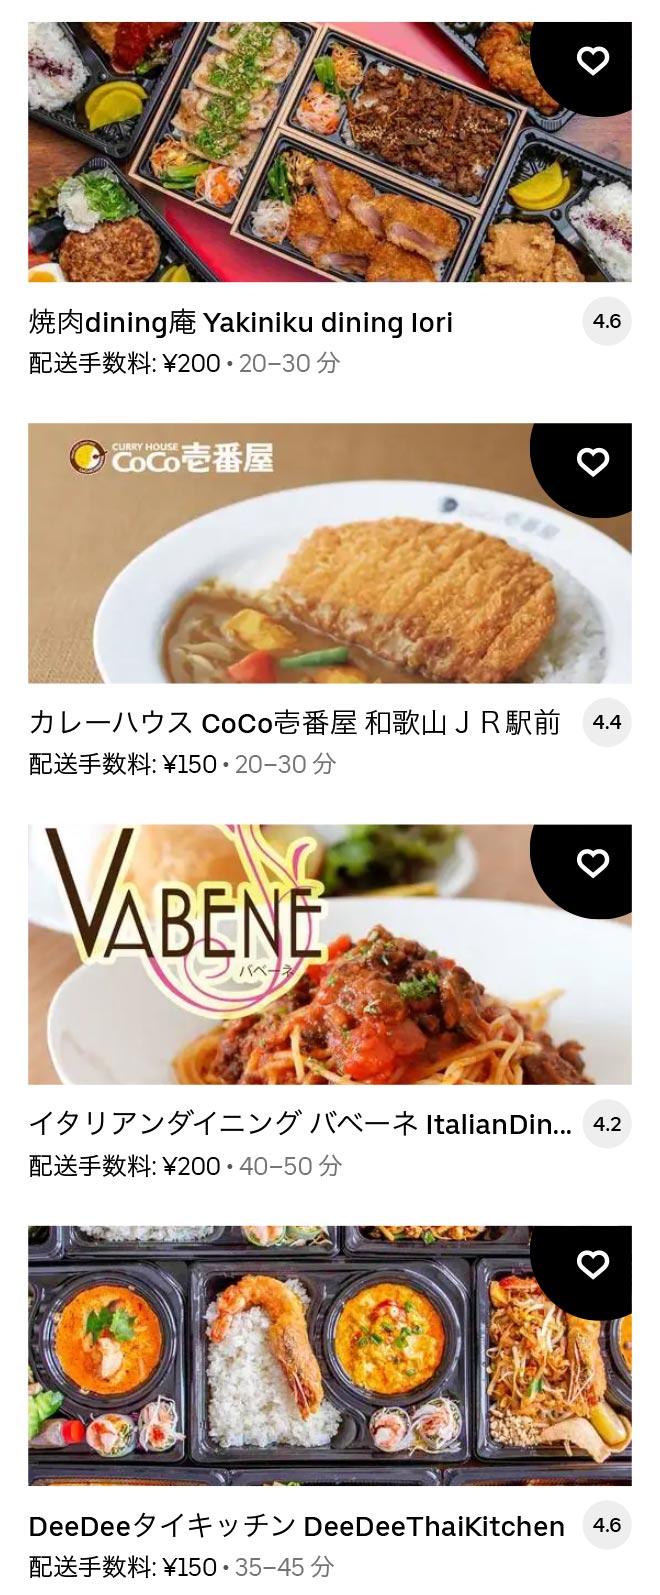 U miyamae menu 2104 07